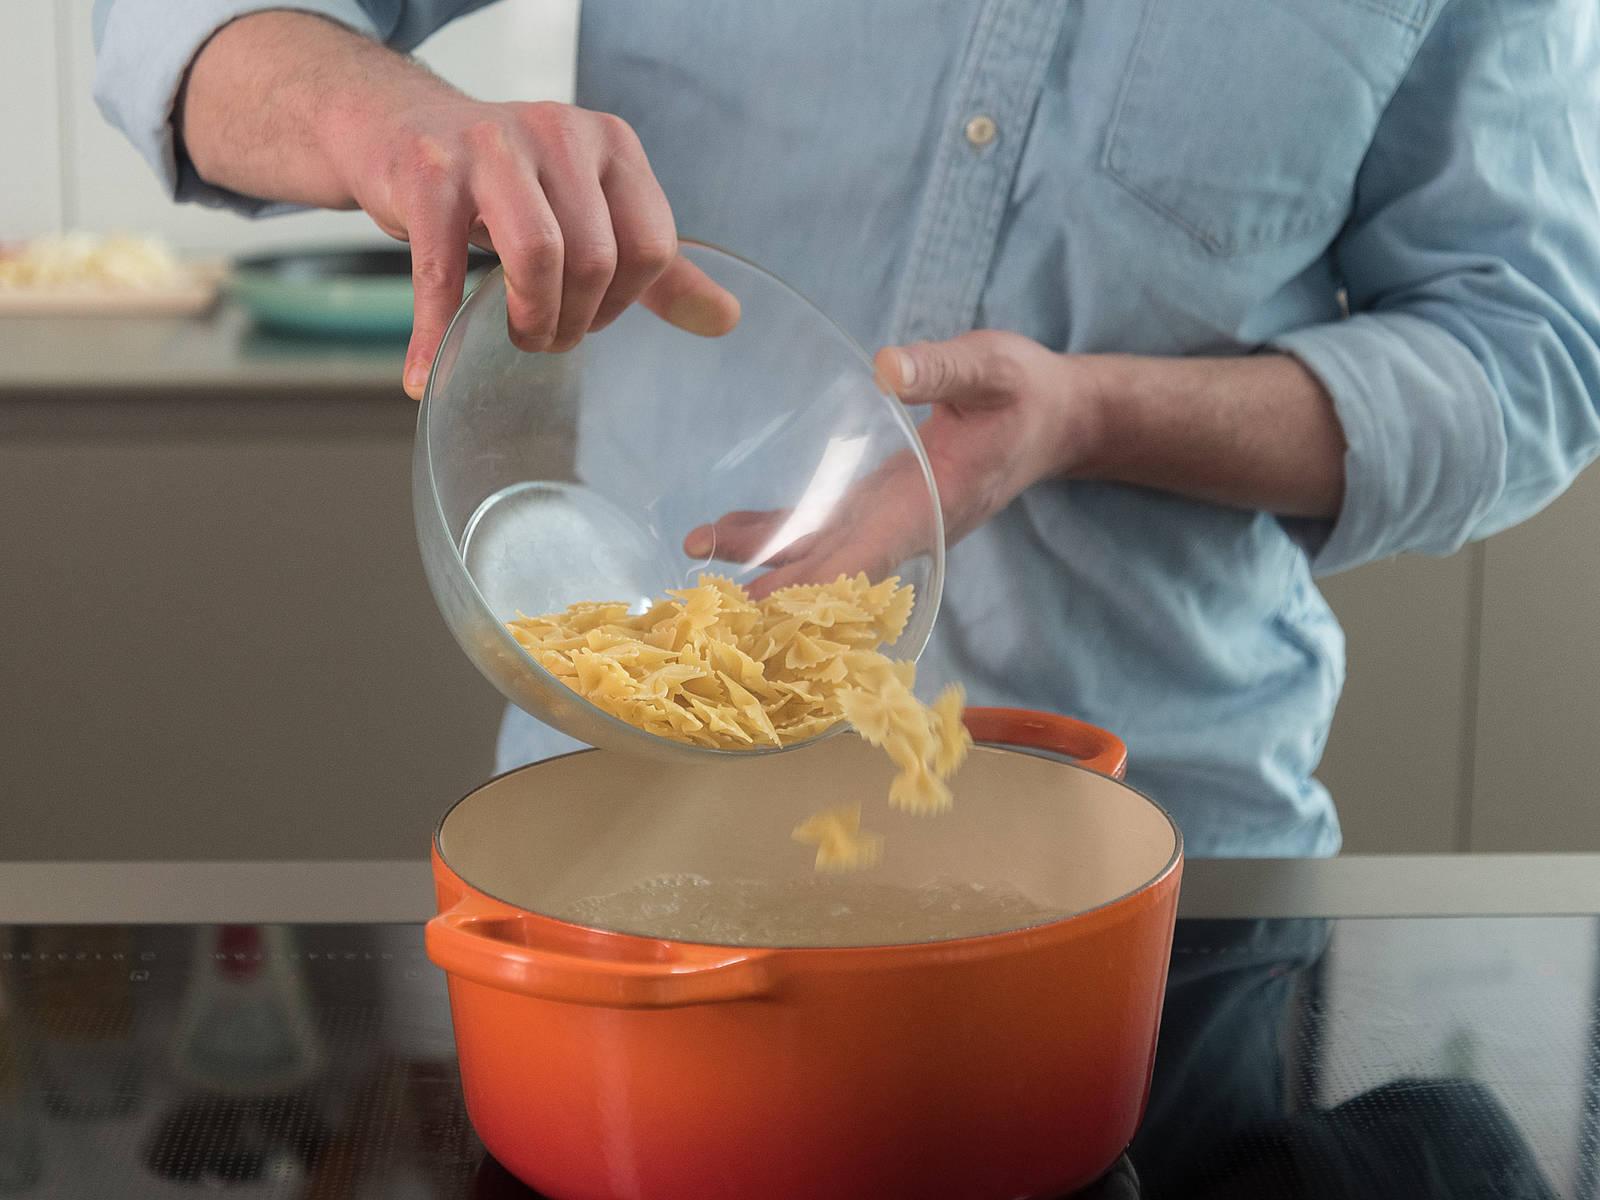 Nudeln in gesalzenem kochendem Wasser ca. 8 – 10 Min. kochen lassen bis sie al dente sind.